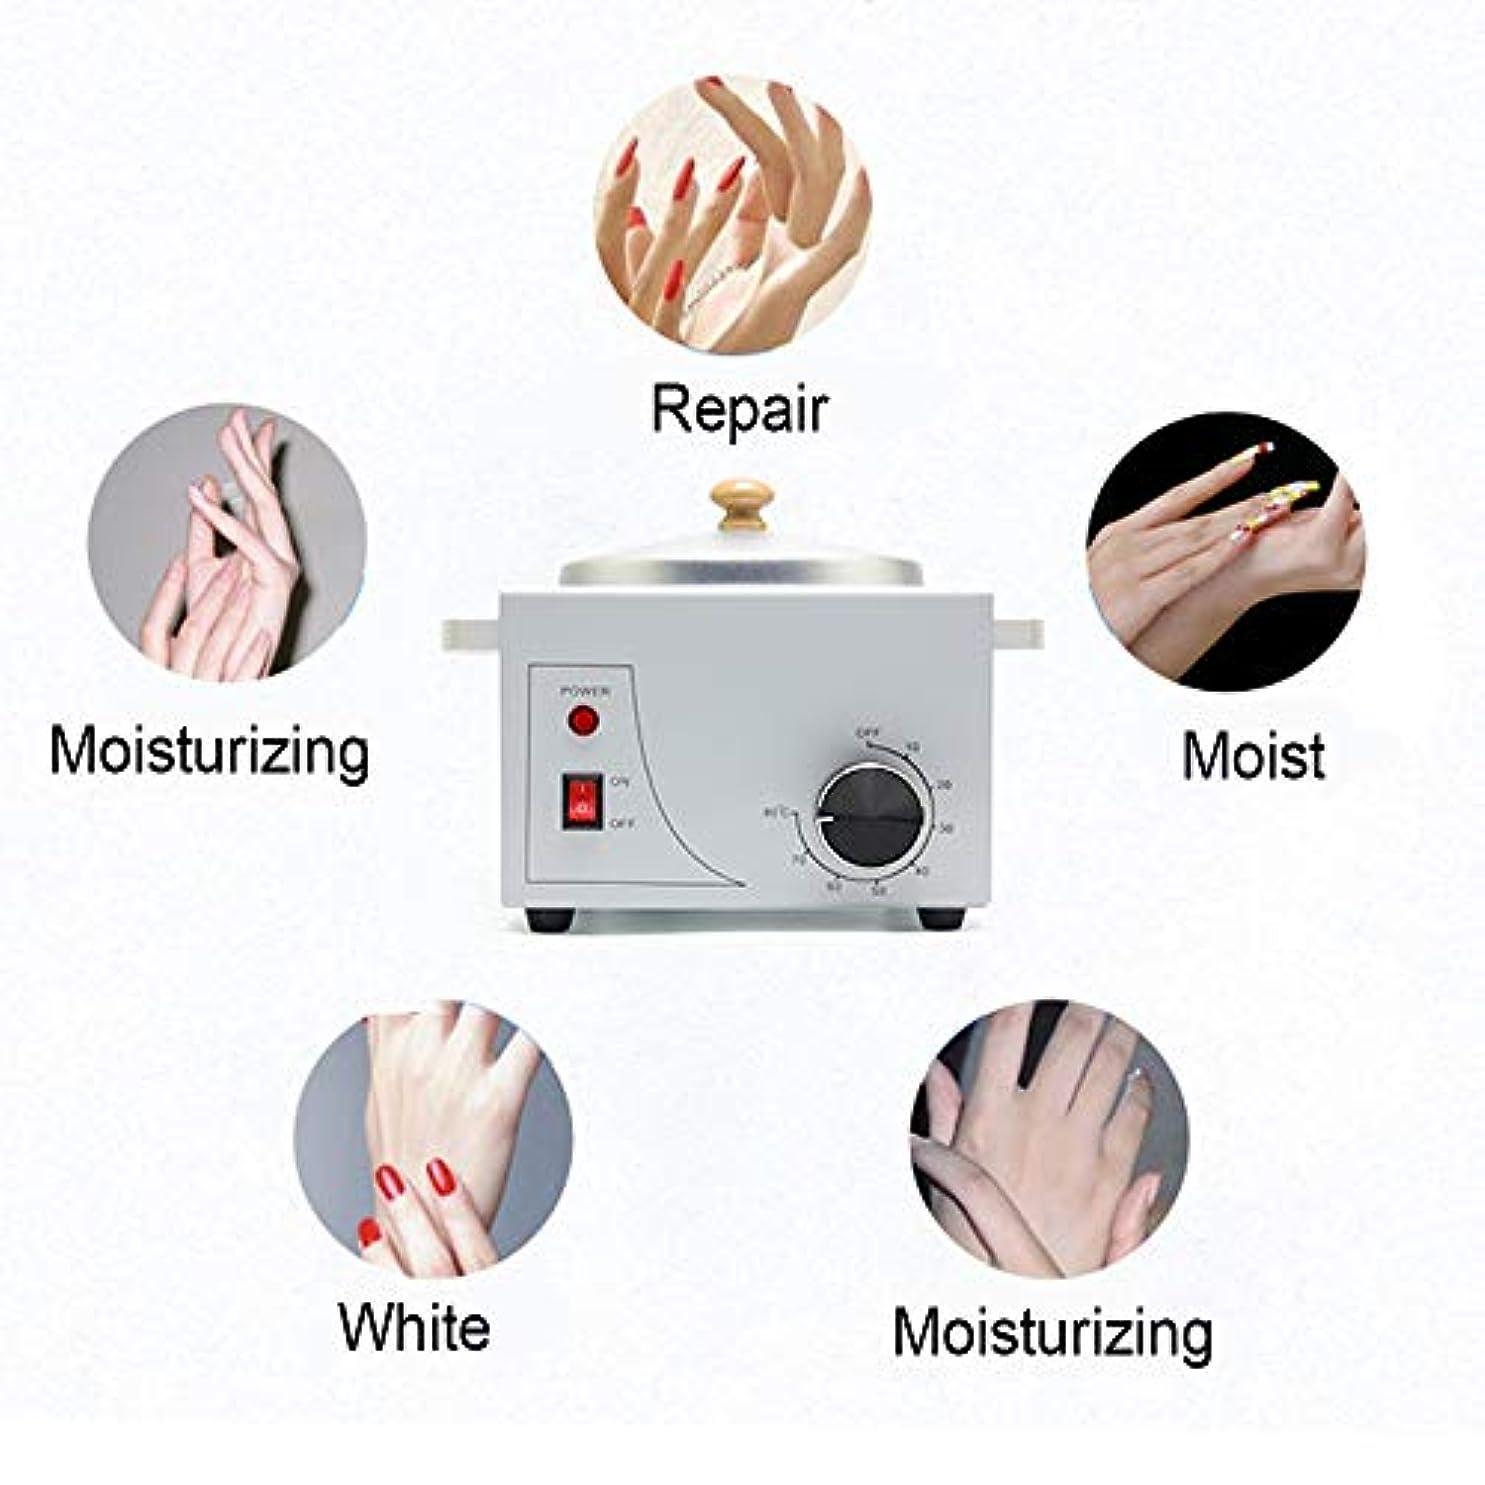 鉛筆立証する散らす携帯用電気ホットワックスウォーマーマシン可変温度での脱毛、プロフェッショナルシングルポット電気ワックスウォーマーマシンの